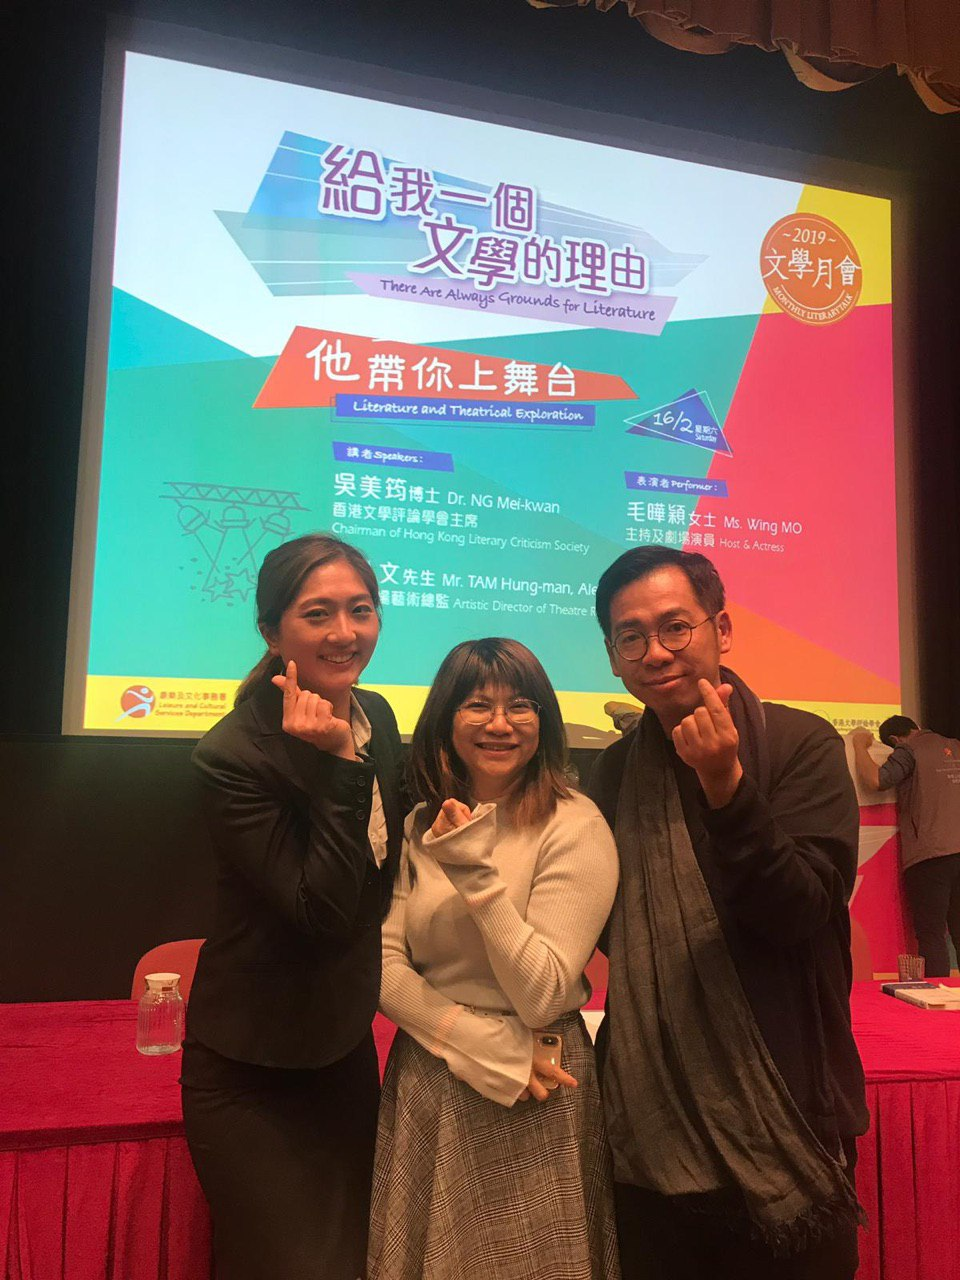 講者及表演者合照,左起:演員毛曄穎、作家吳美筠、導演譚孔文